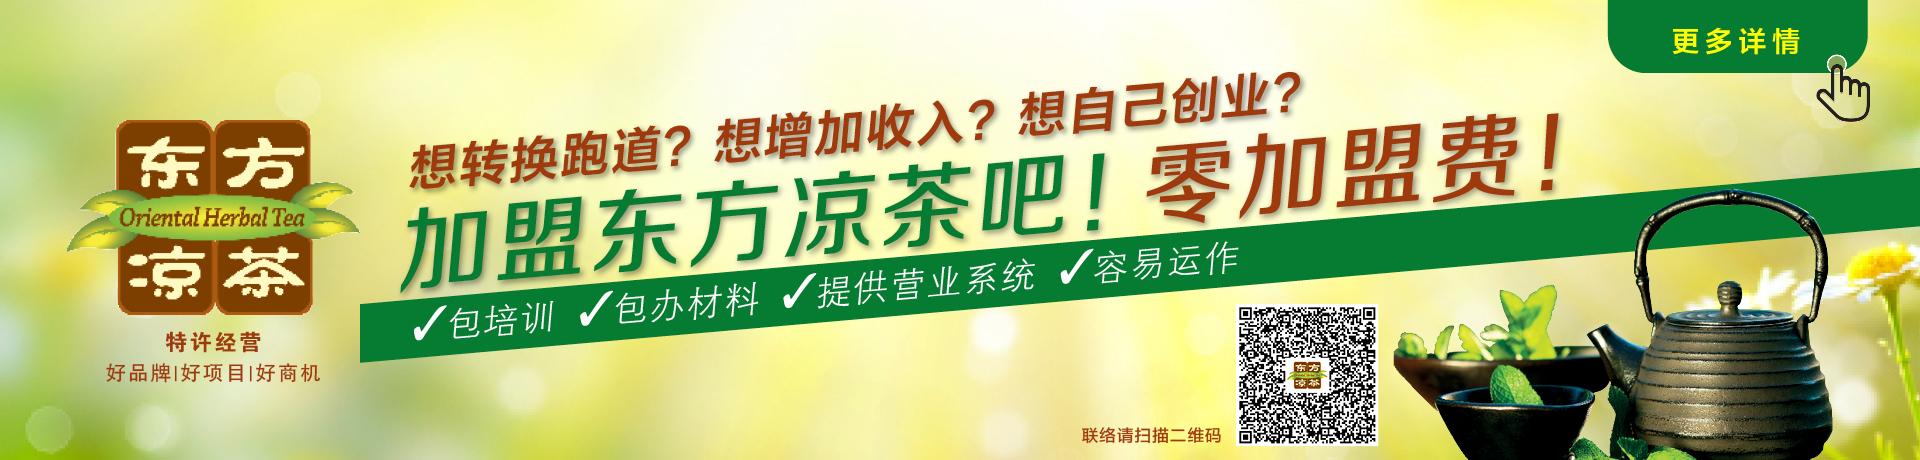 OrientalTea_1920x460_HomeBanner_Chi